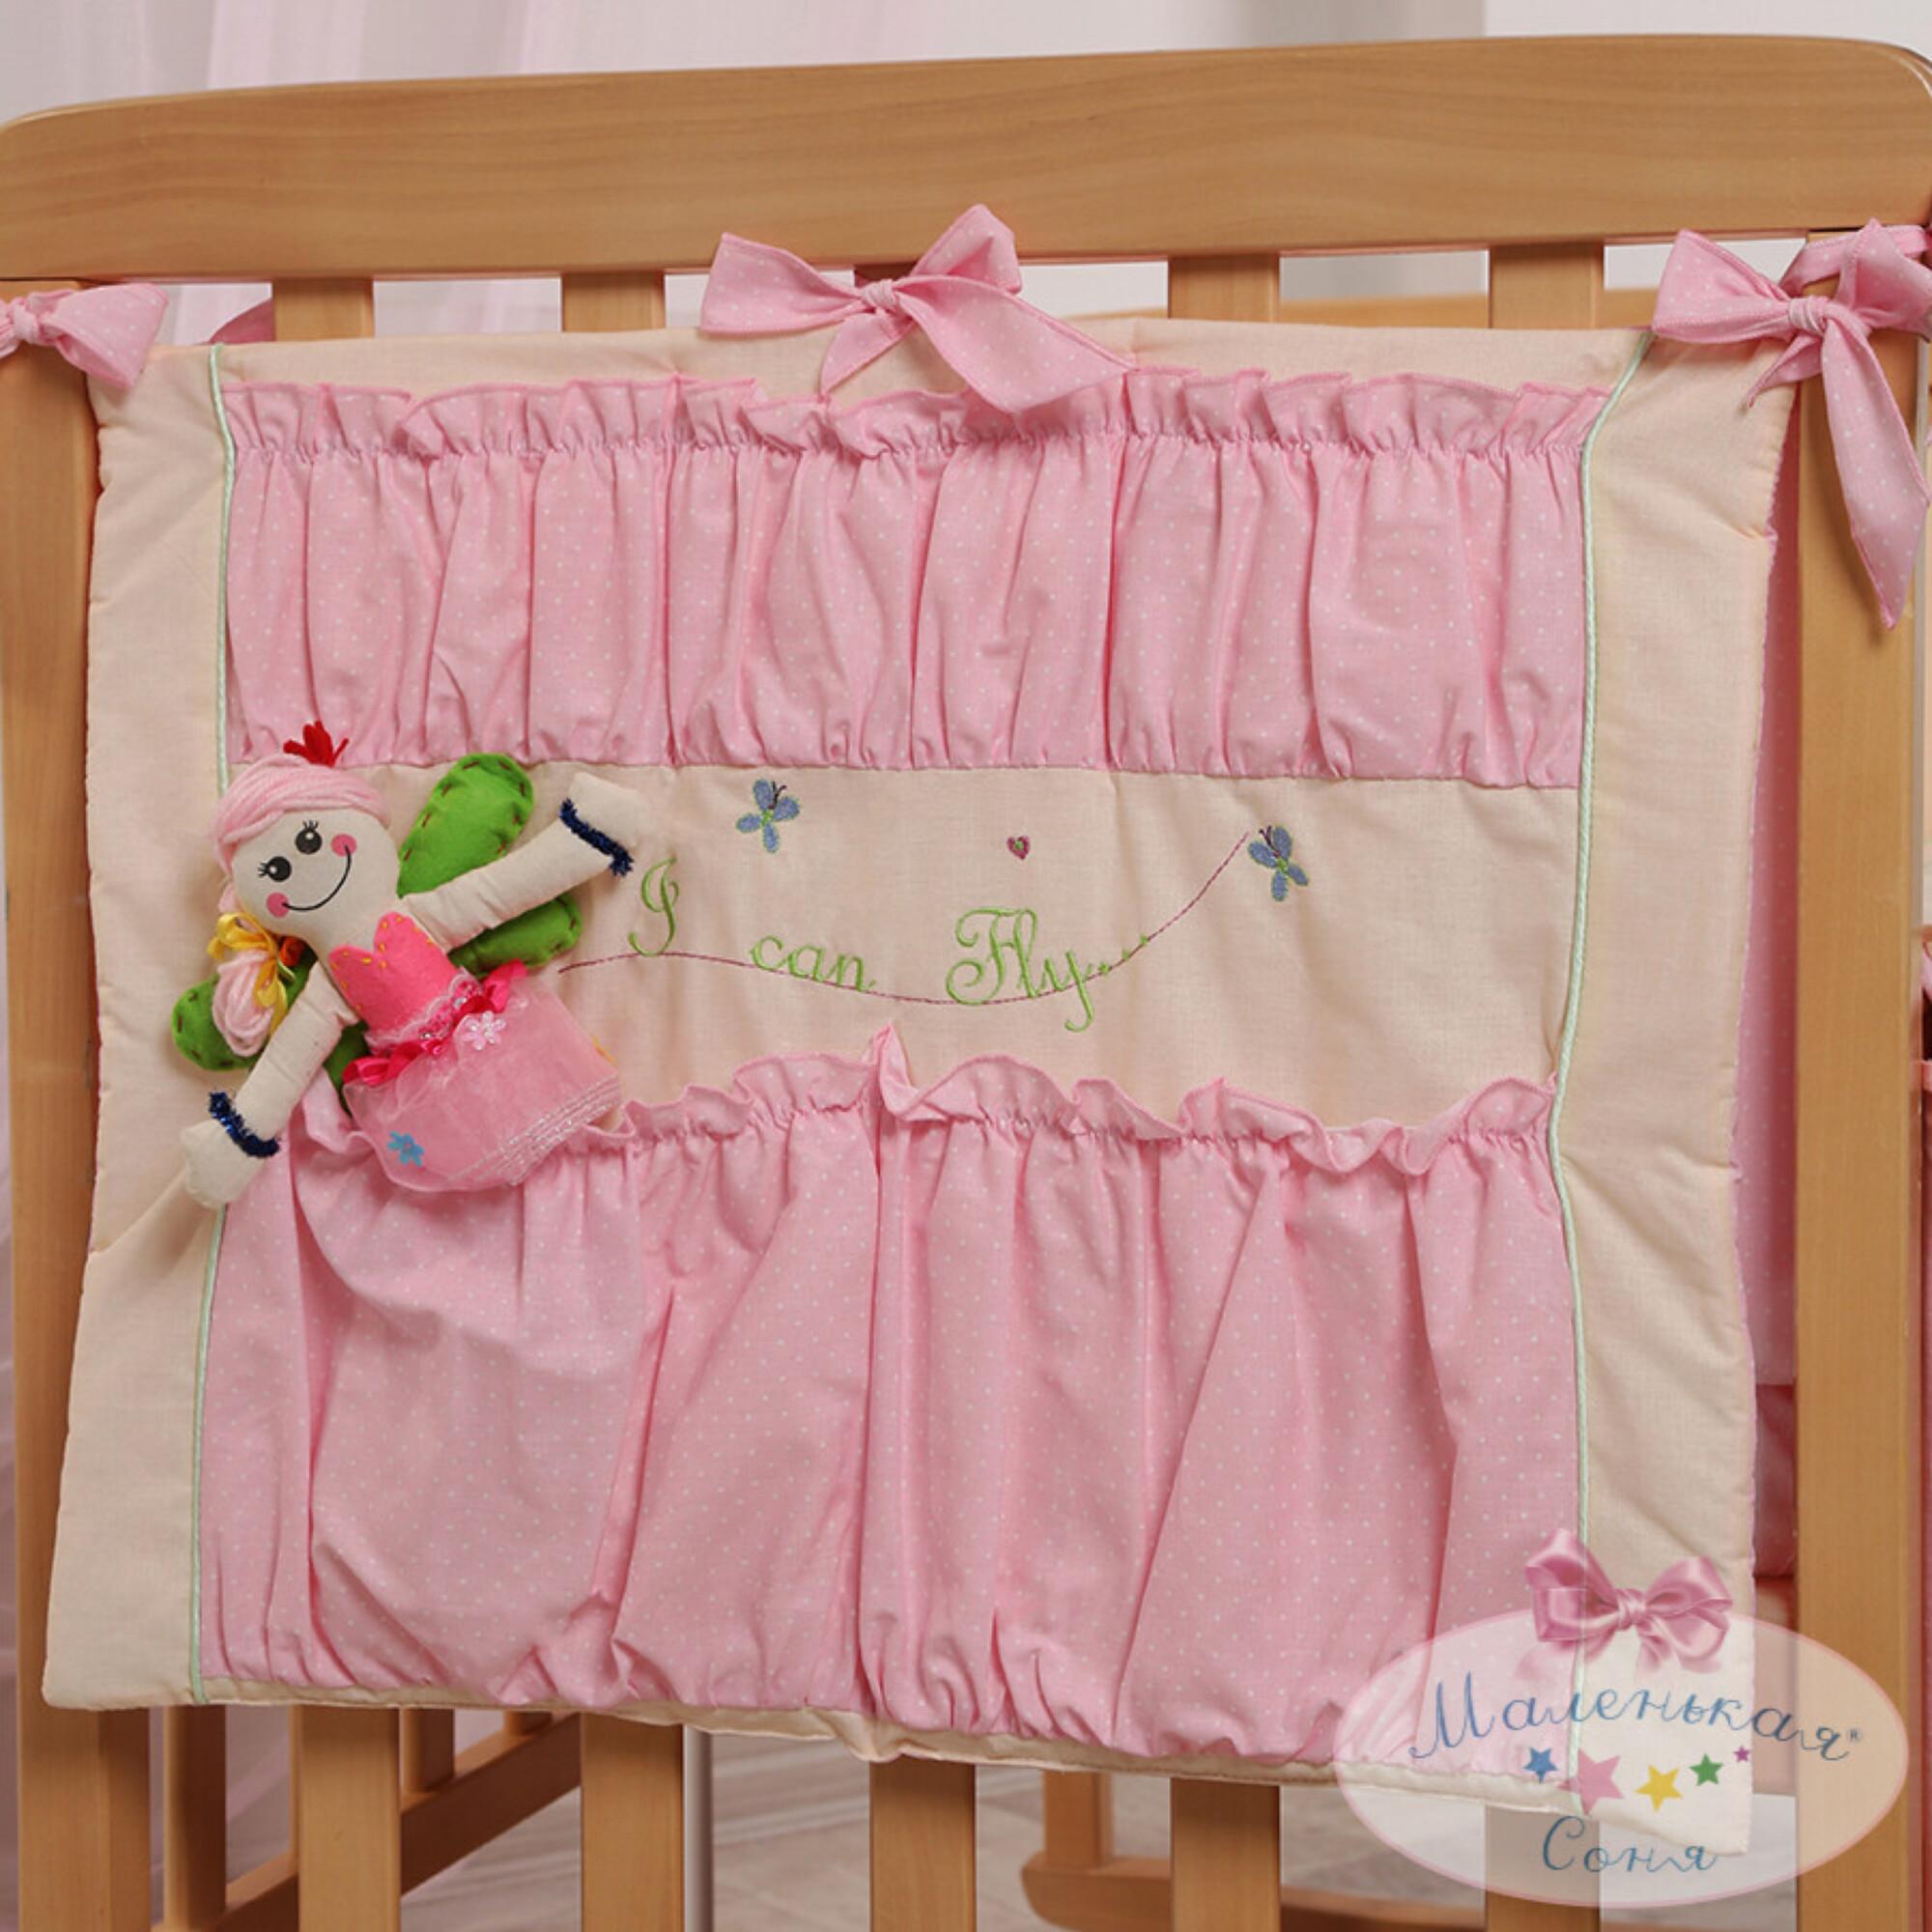 ▷ Комплект постільної білизни дитячий Маленька Соня Дитячі мрії (воображуля  рожевий) 6 ел. - купити в ⁕ ALLO.UA ⁕ ціна 49c8a108c0700